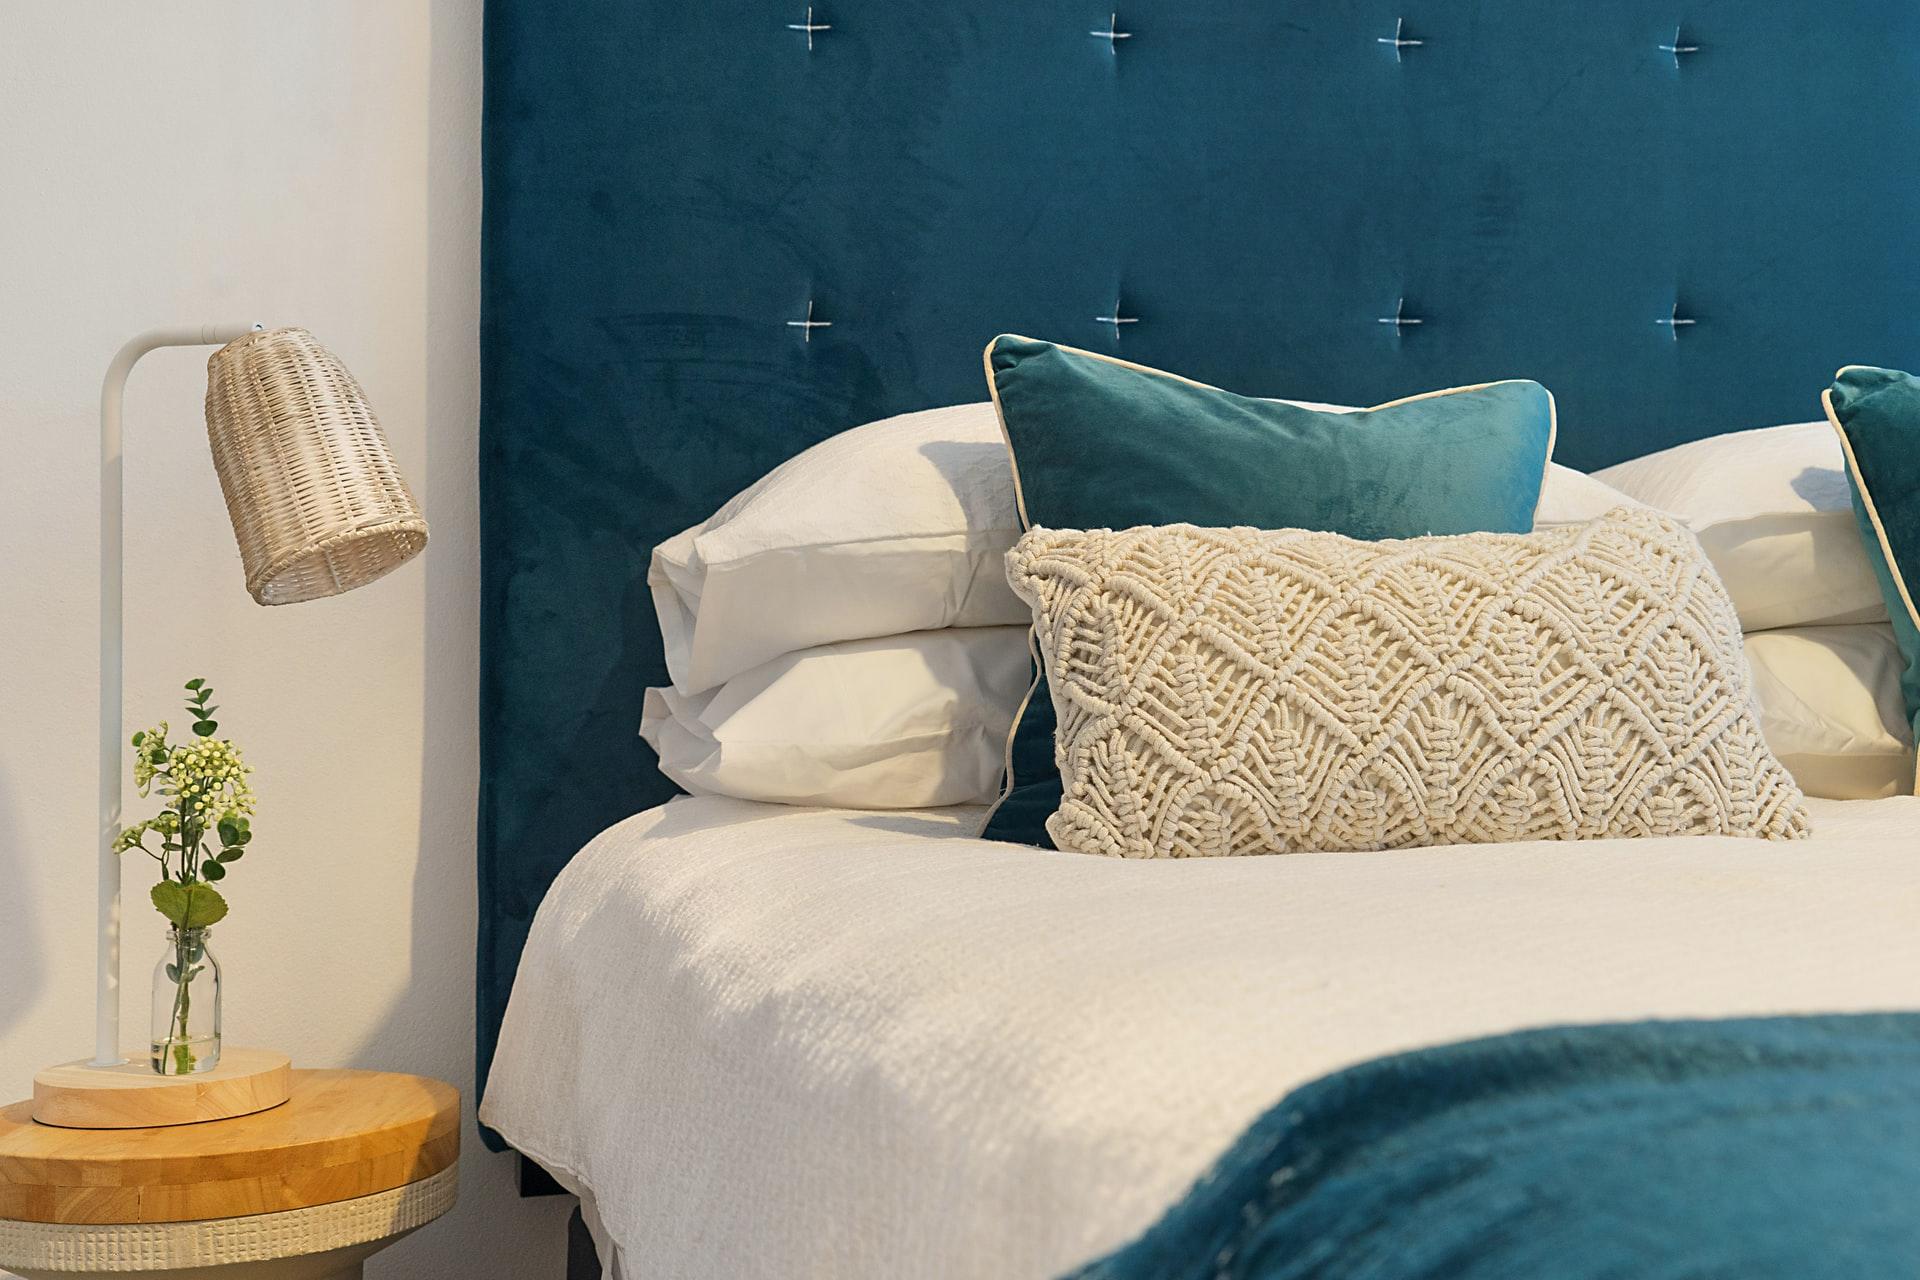 greg rivers YeP1MUZDSsE unsplash - Er du på udkig efter en ny seng?